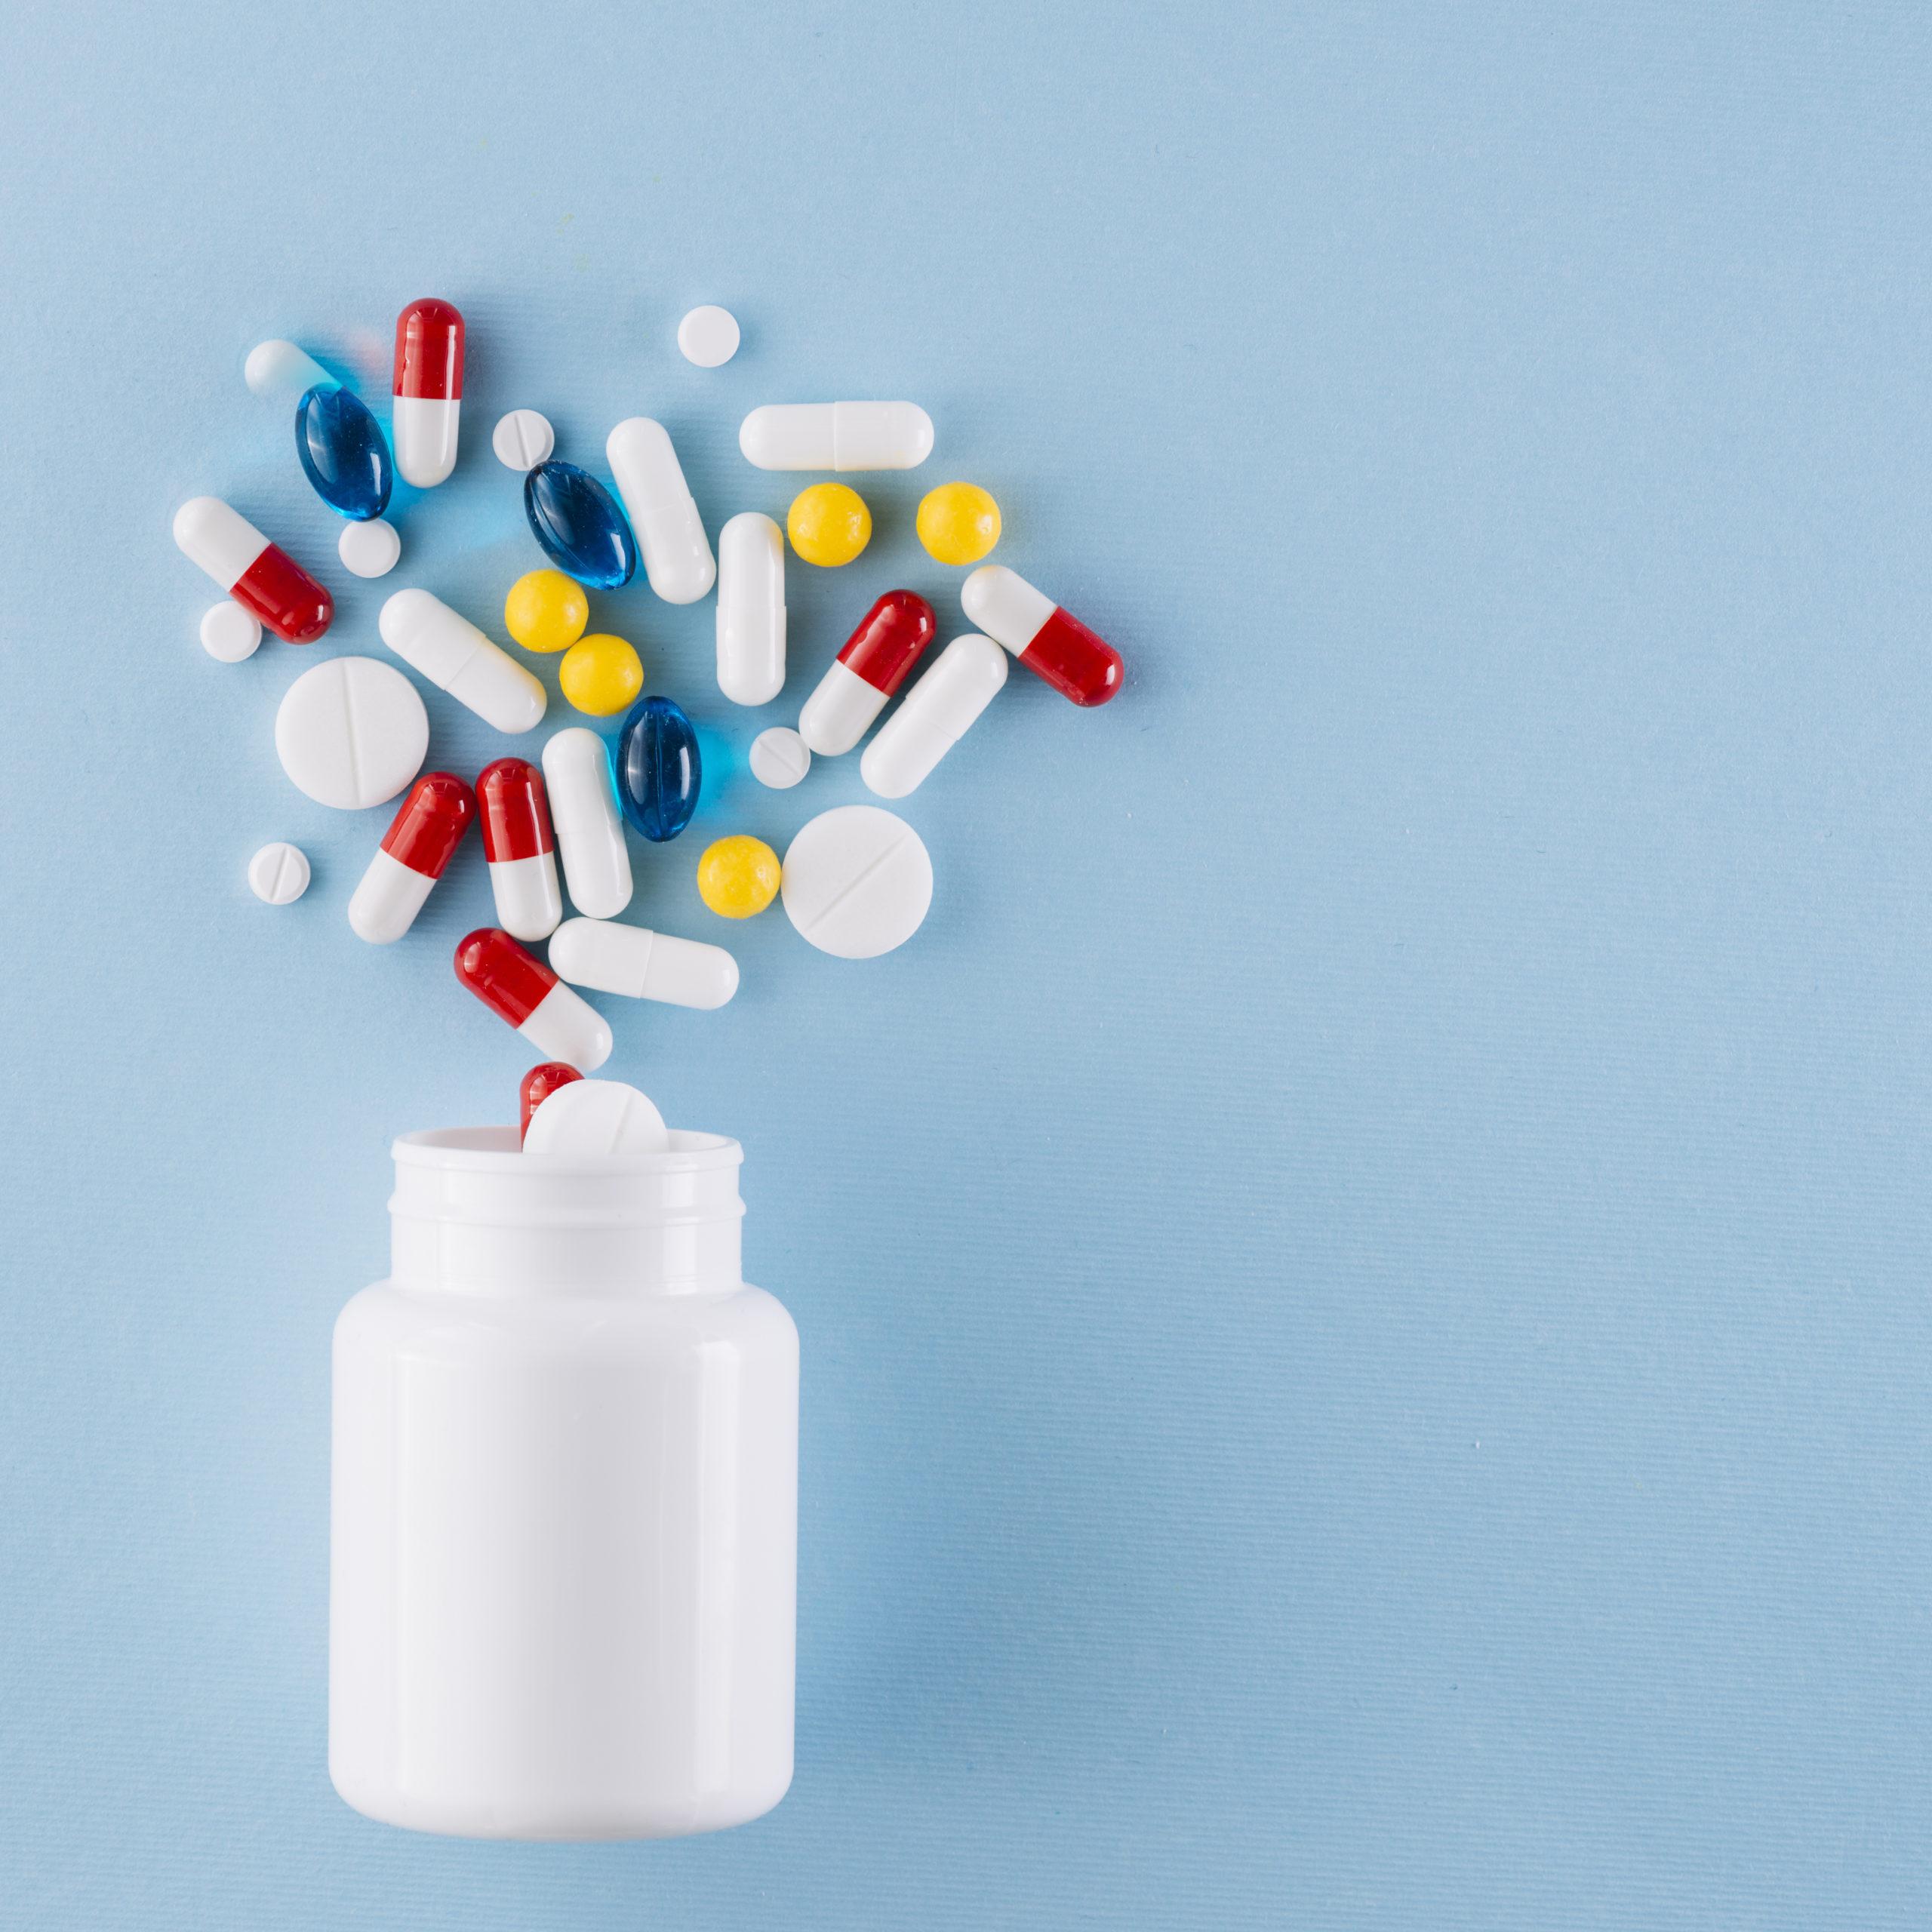 Você sabe qual é a diferença entre remédio e medicamento?